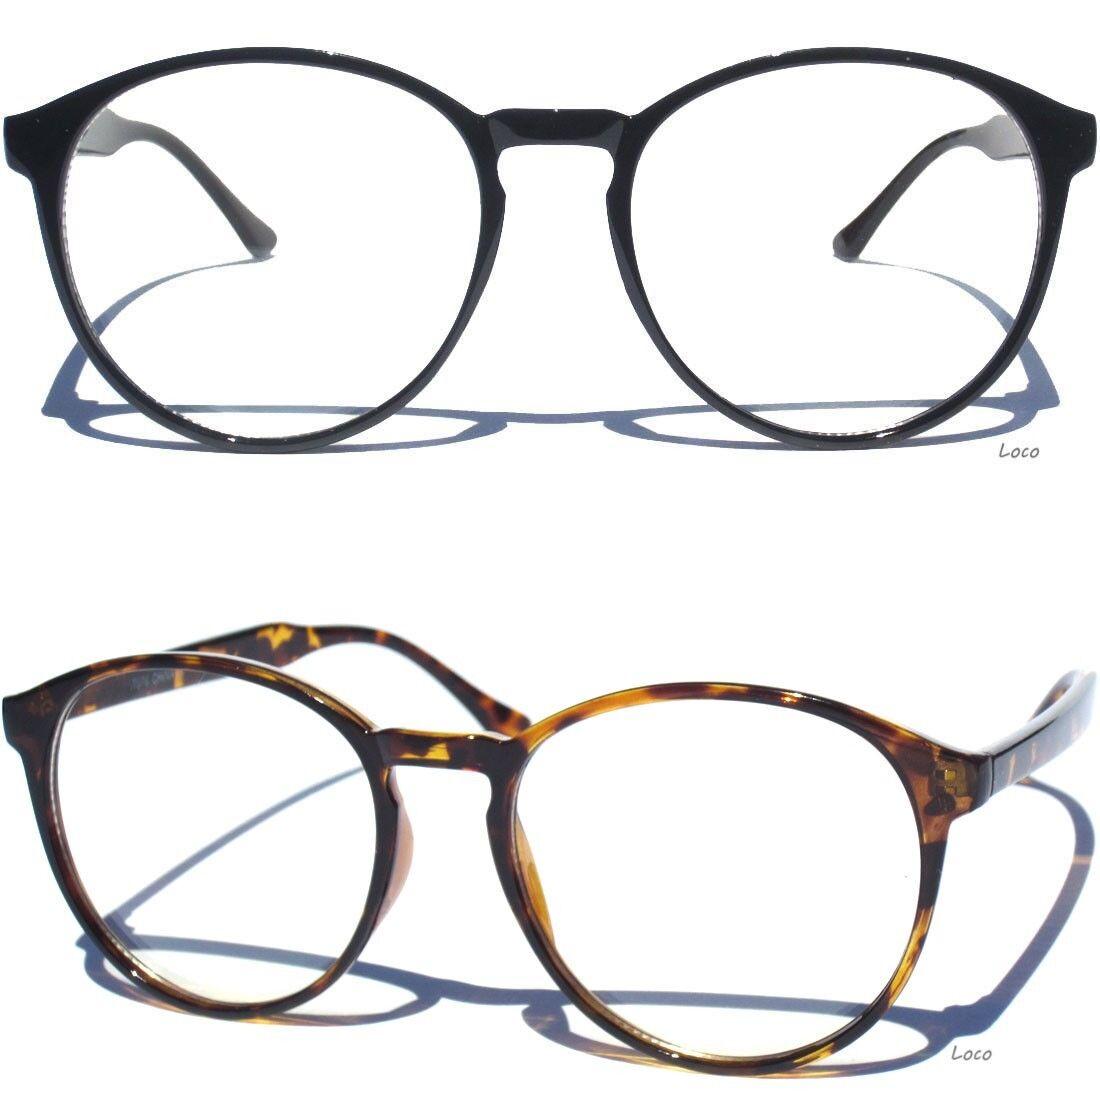 613966026b4b Thin Frame Retro Design Clear Lens Glasses Hipster Nerd Smart ...